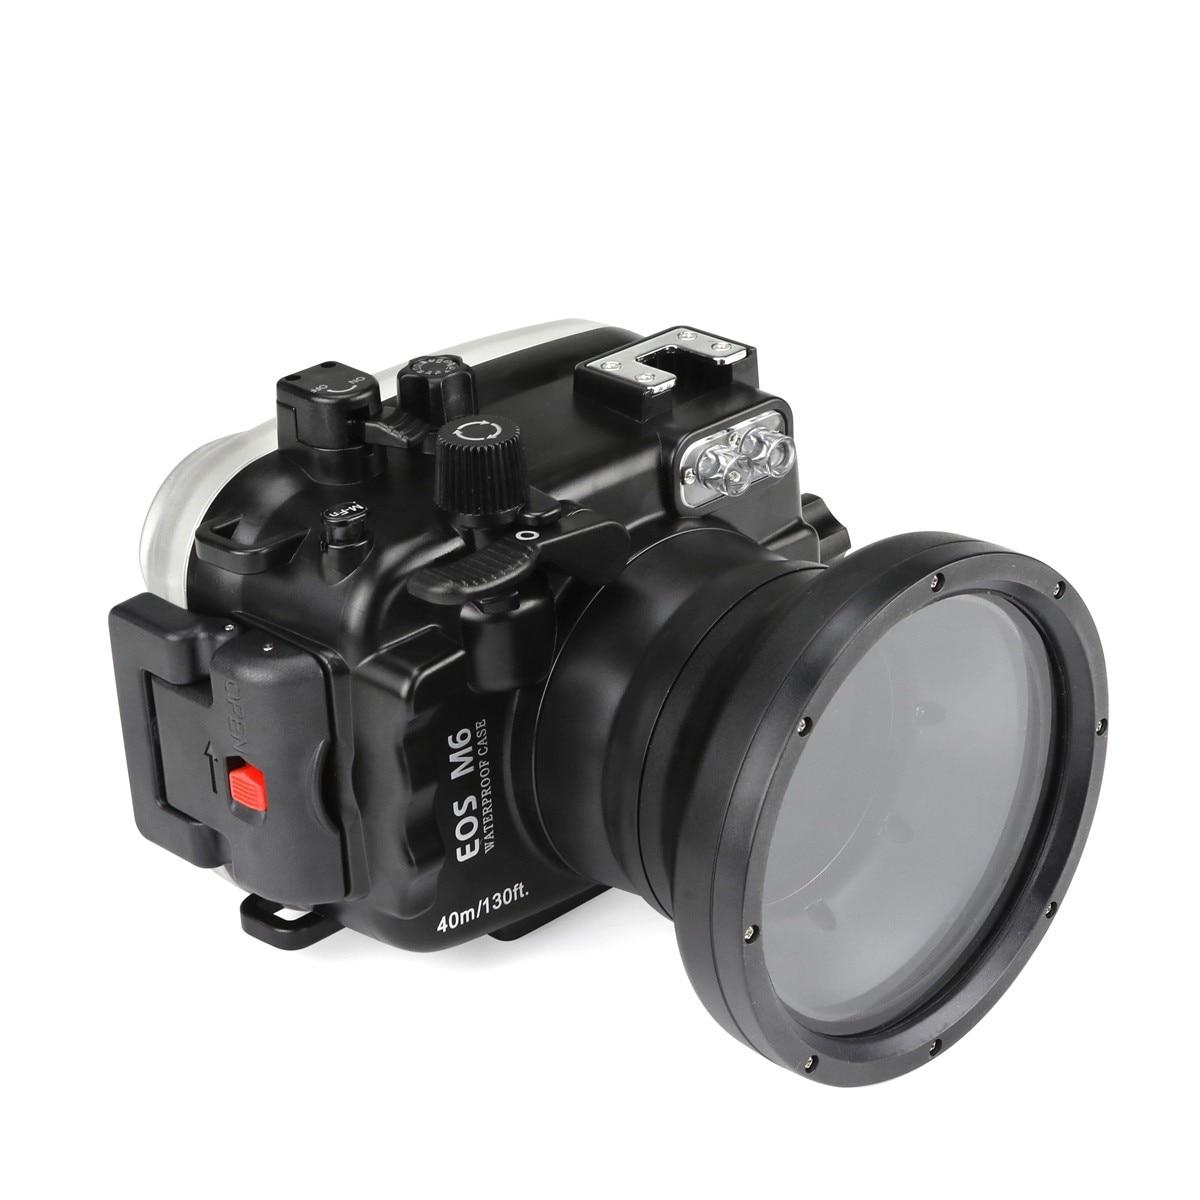 Boîtier de caméra de plongée sous-marine de 40 m/130ft pour Canon EOS M6 (18-55 MM)